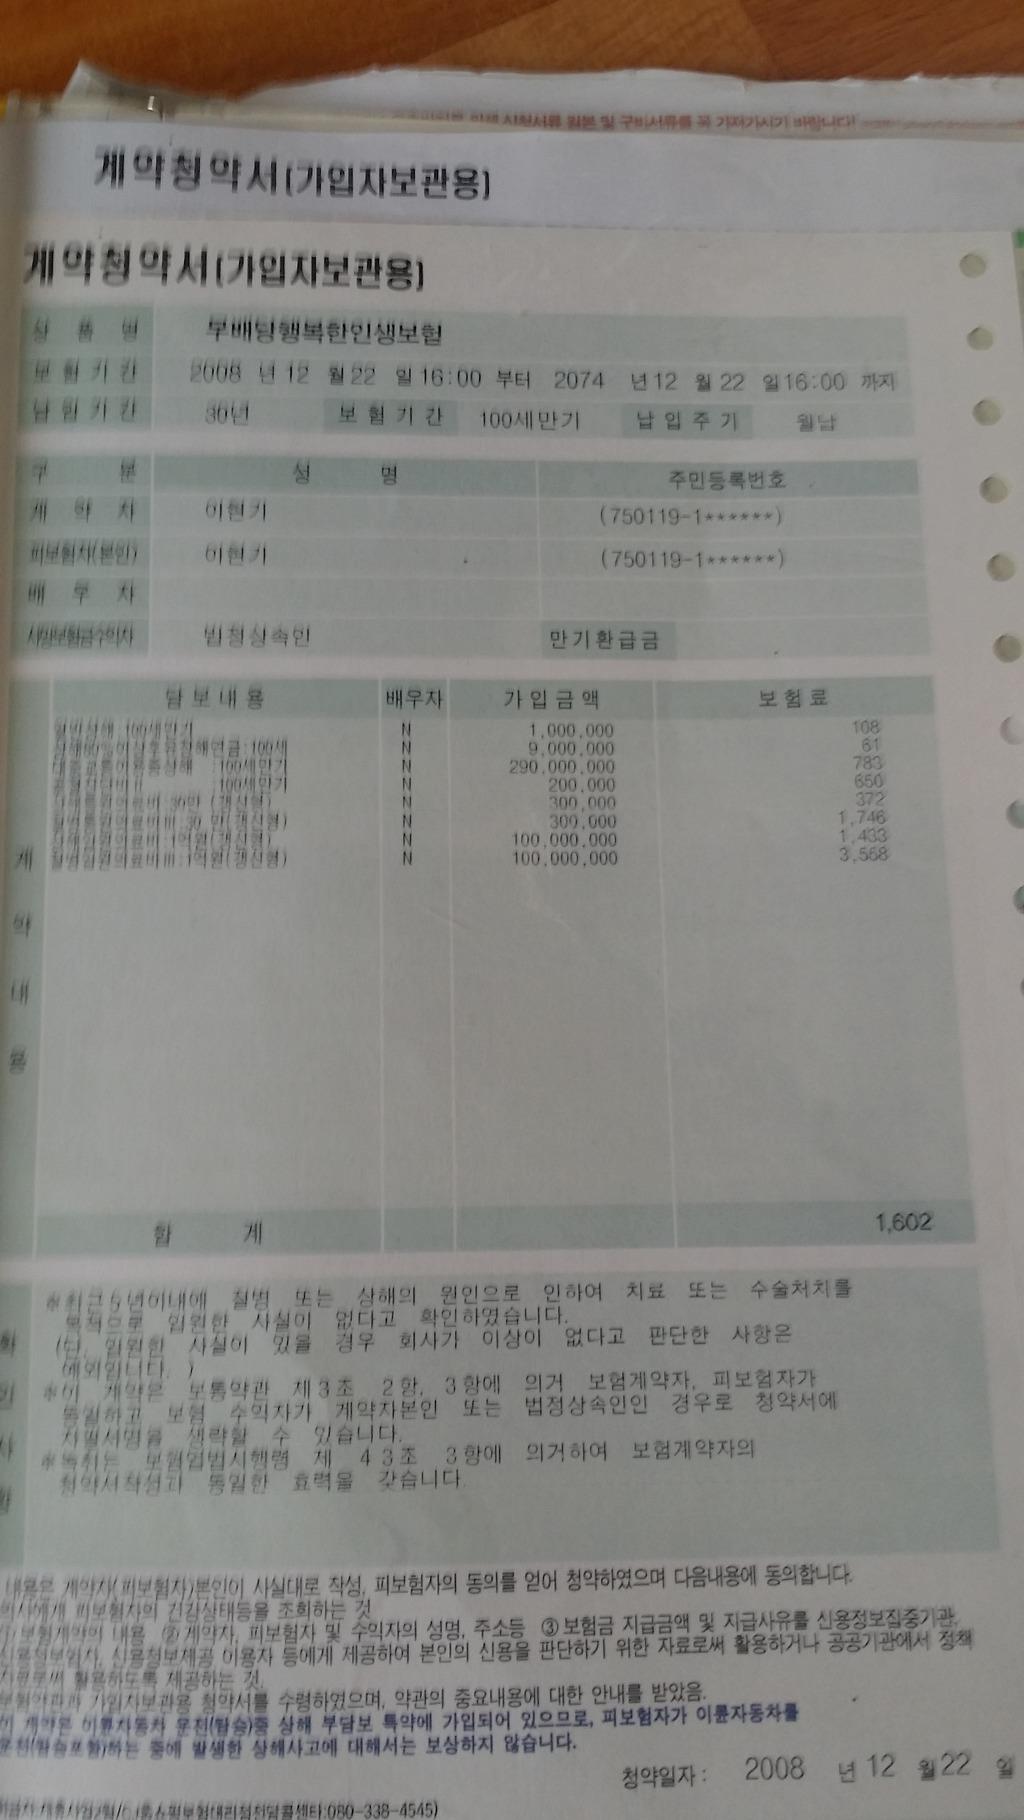 59891A693342D20032